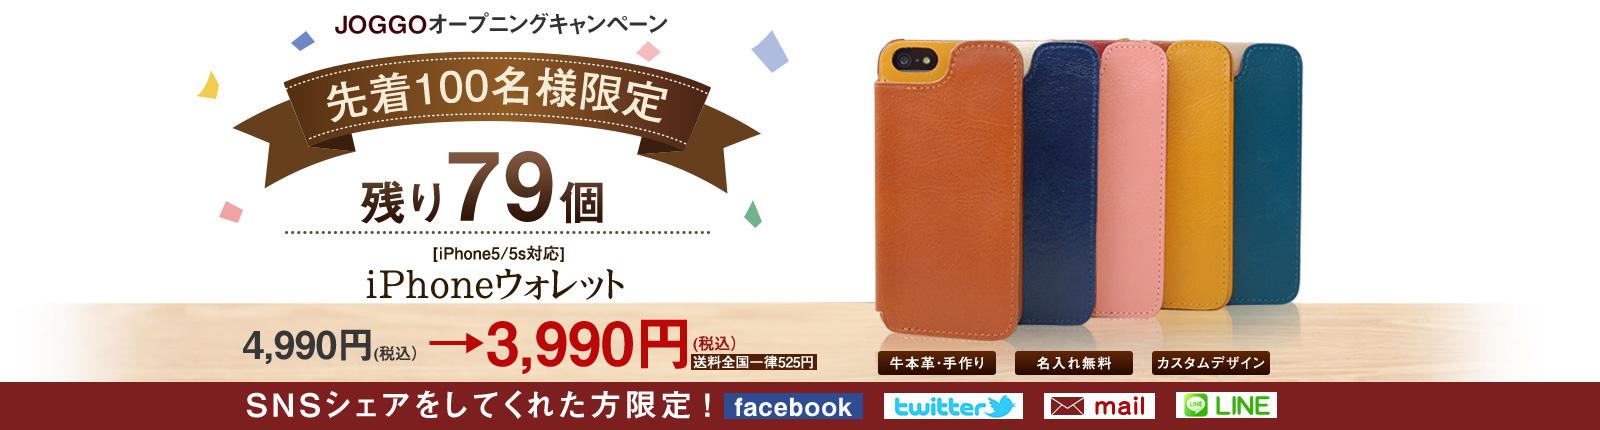 本革iPhoneウォレット限定販売